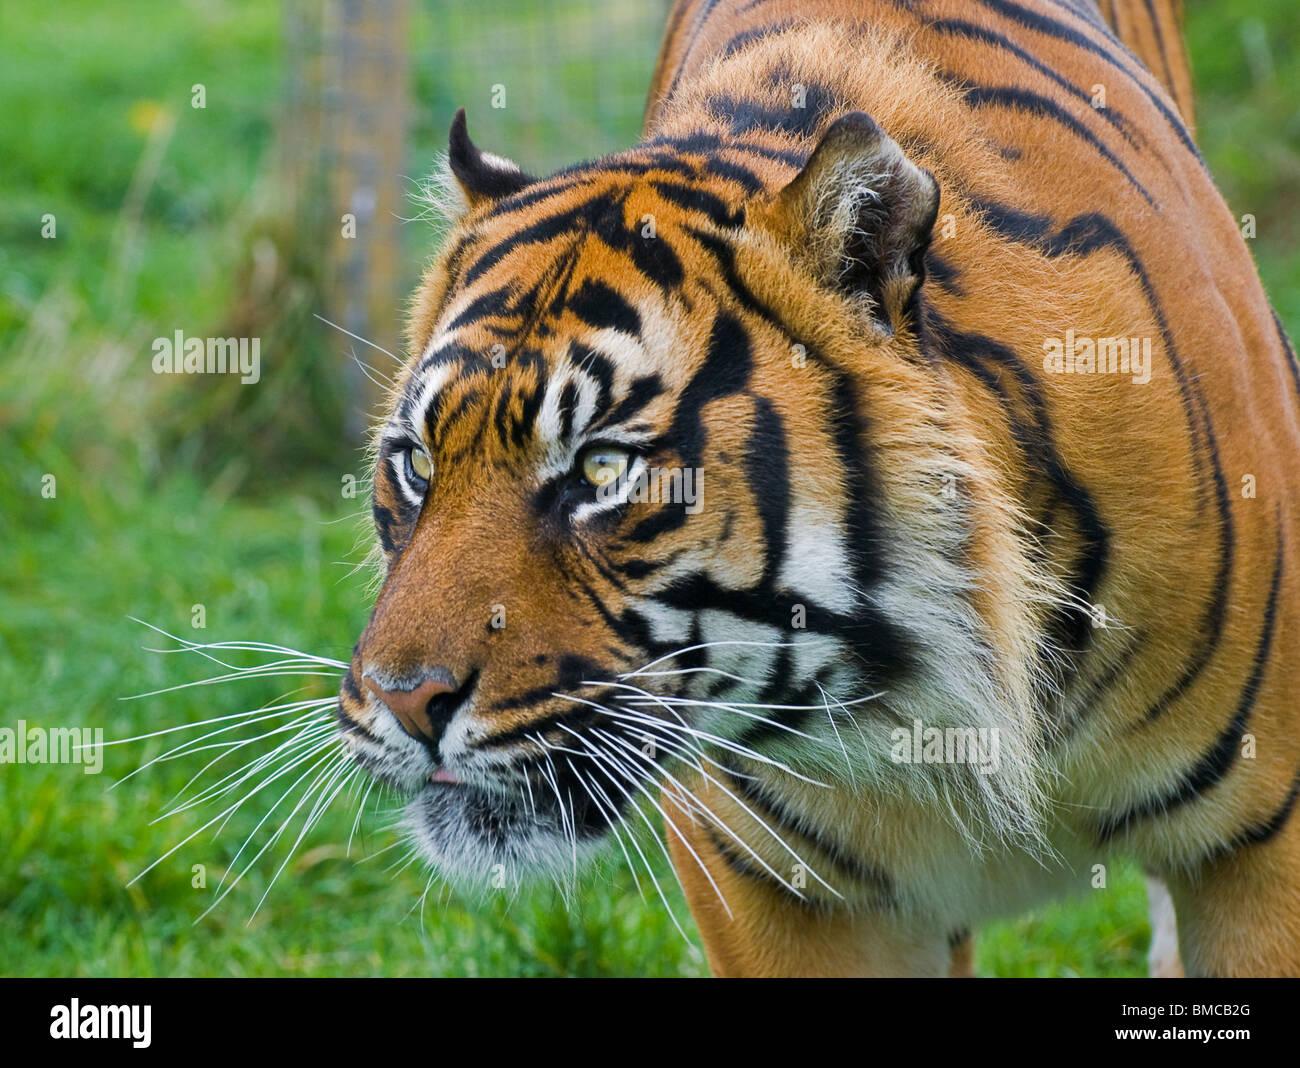 A Sumatran Tiger close-up intently staring - Stock Image